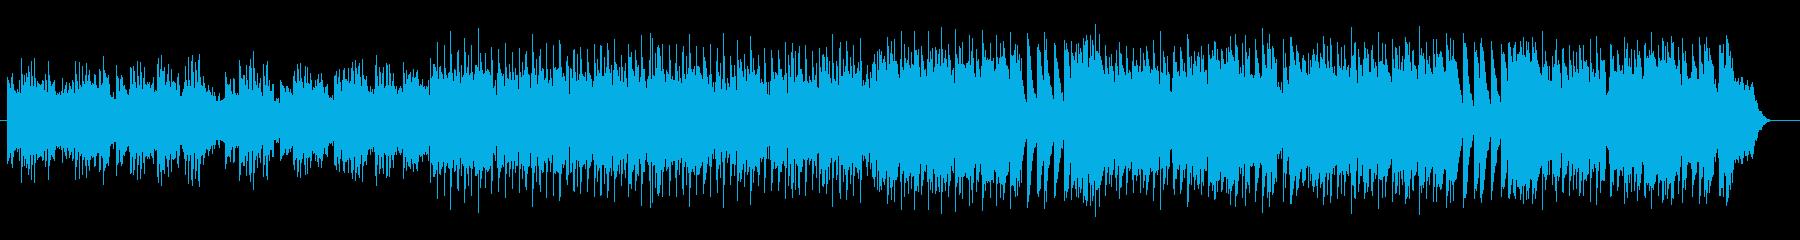 明るいダンスポップのメヌエットの再生済みの波形